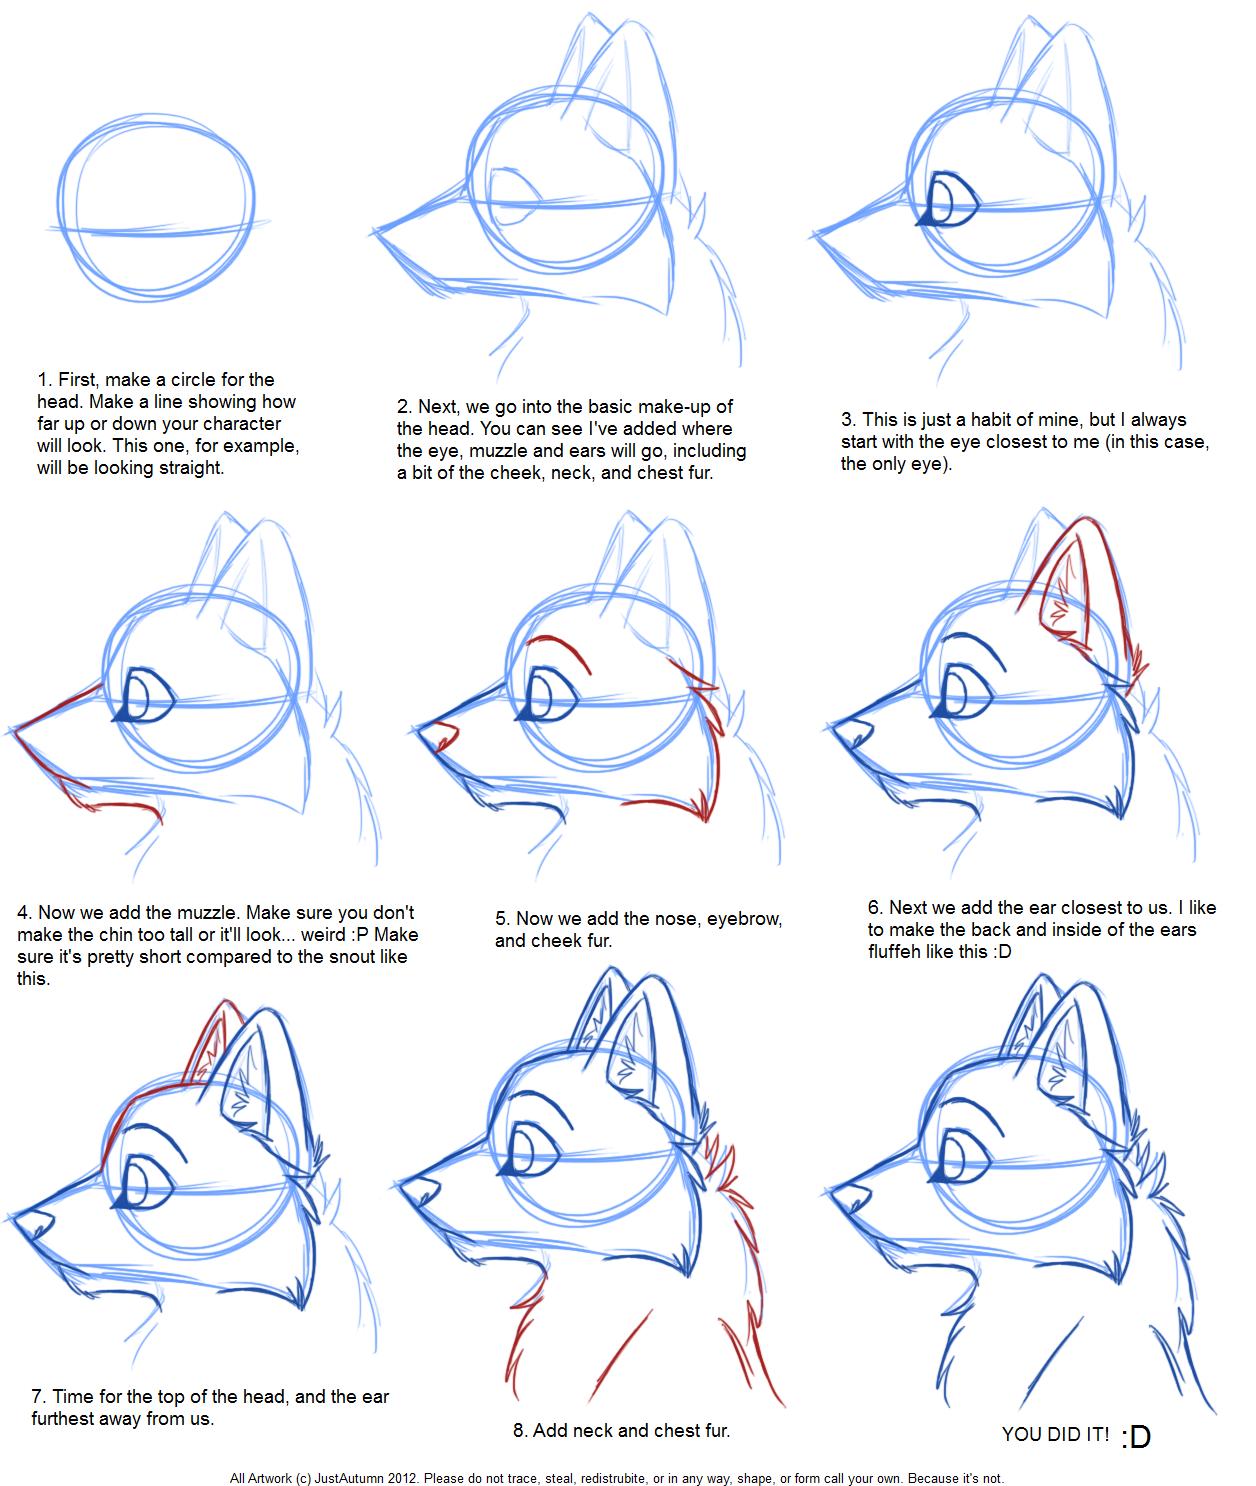 jak nakreslit vlka Výtvarné reference, Skicování